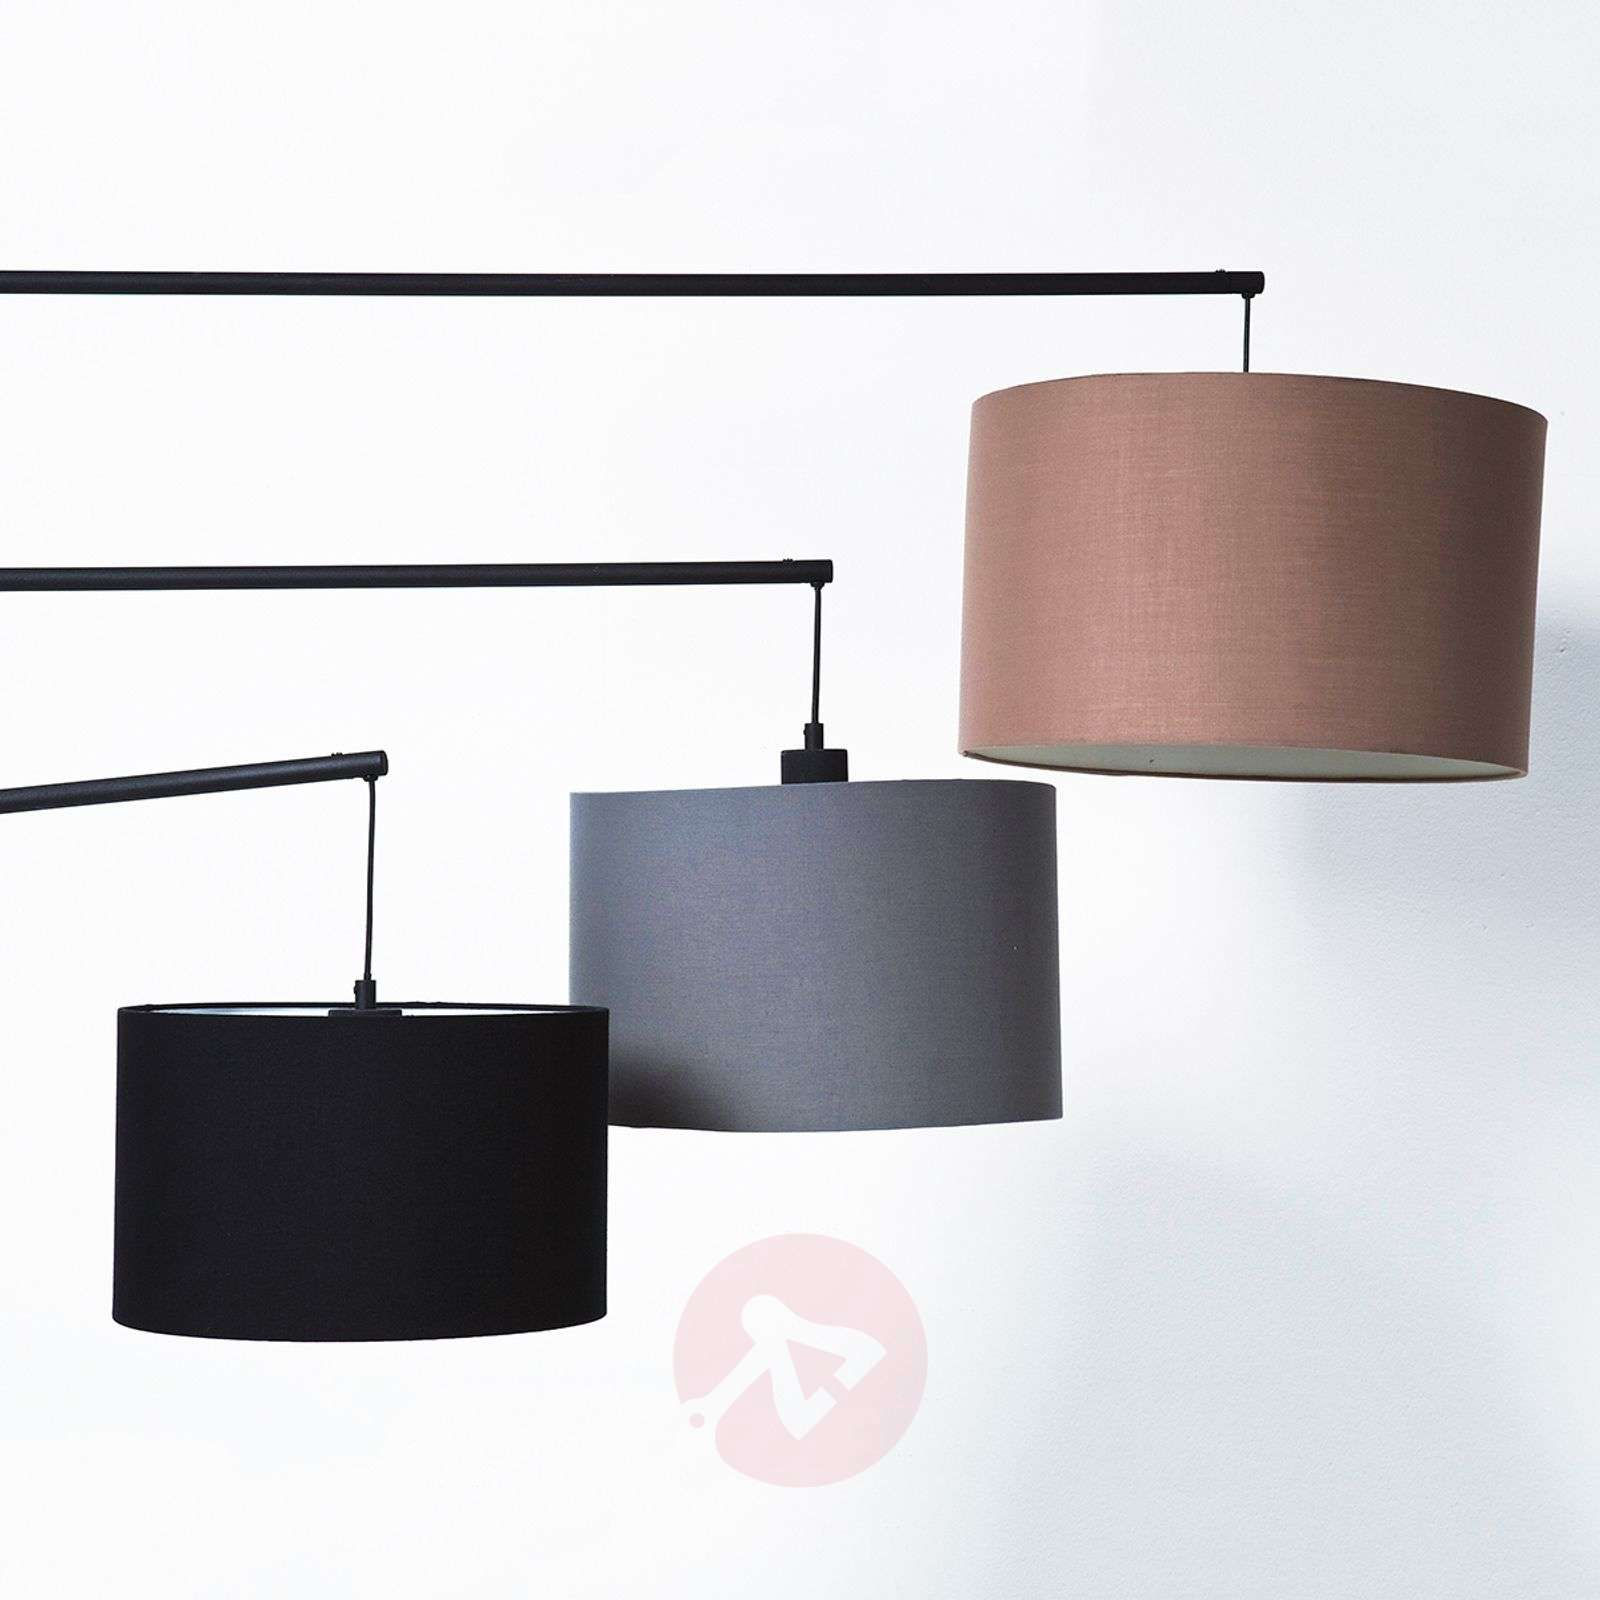 KARE Lemming Tree three-bulb fabric floor lamp-5517466-01